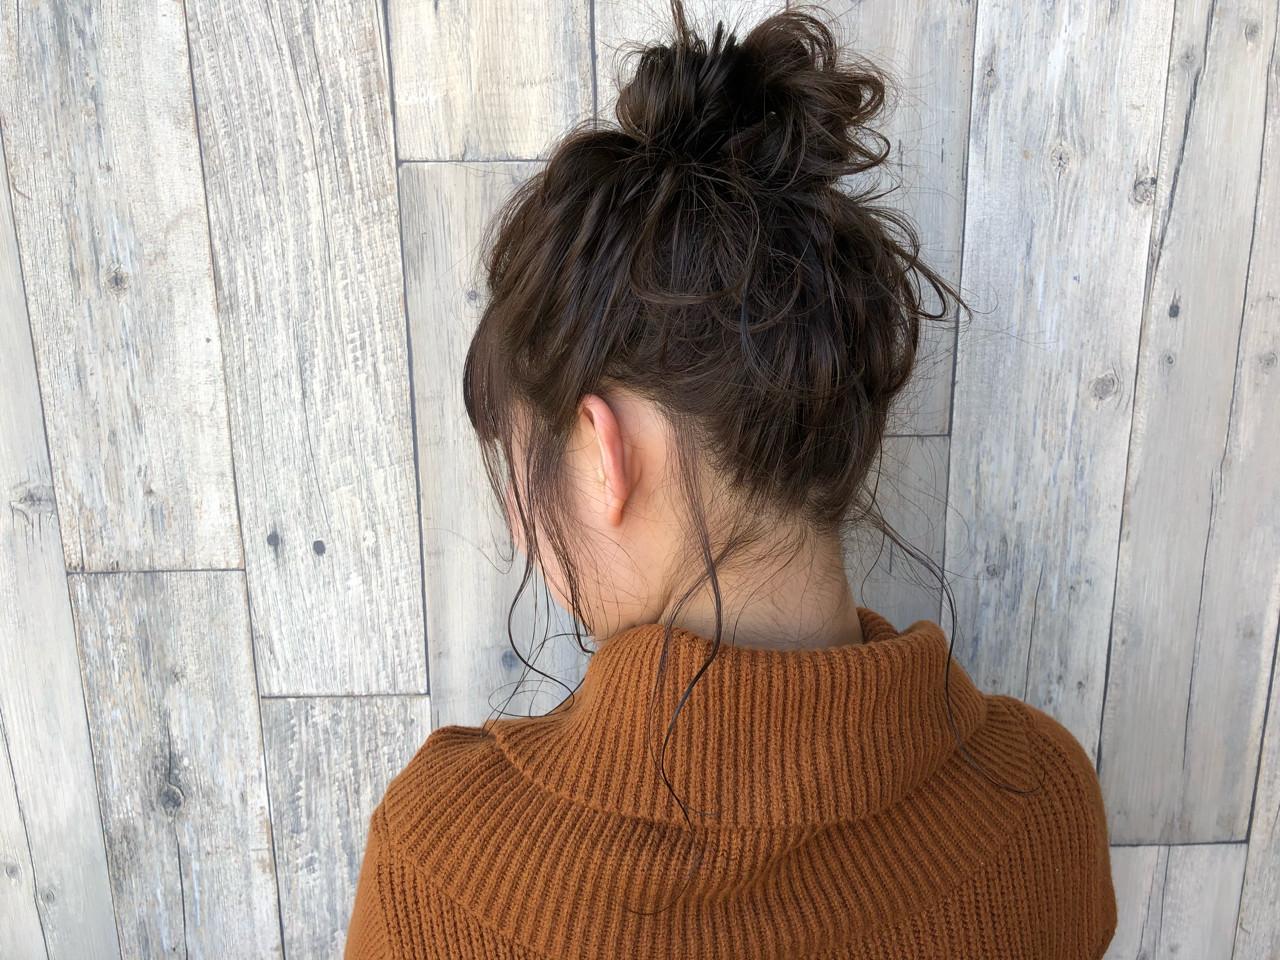 ナチュラル お団子 アッシュグレージュ ヘアアレンジ ヘアスタイルや髪型の写真・画像